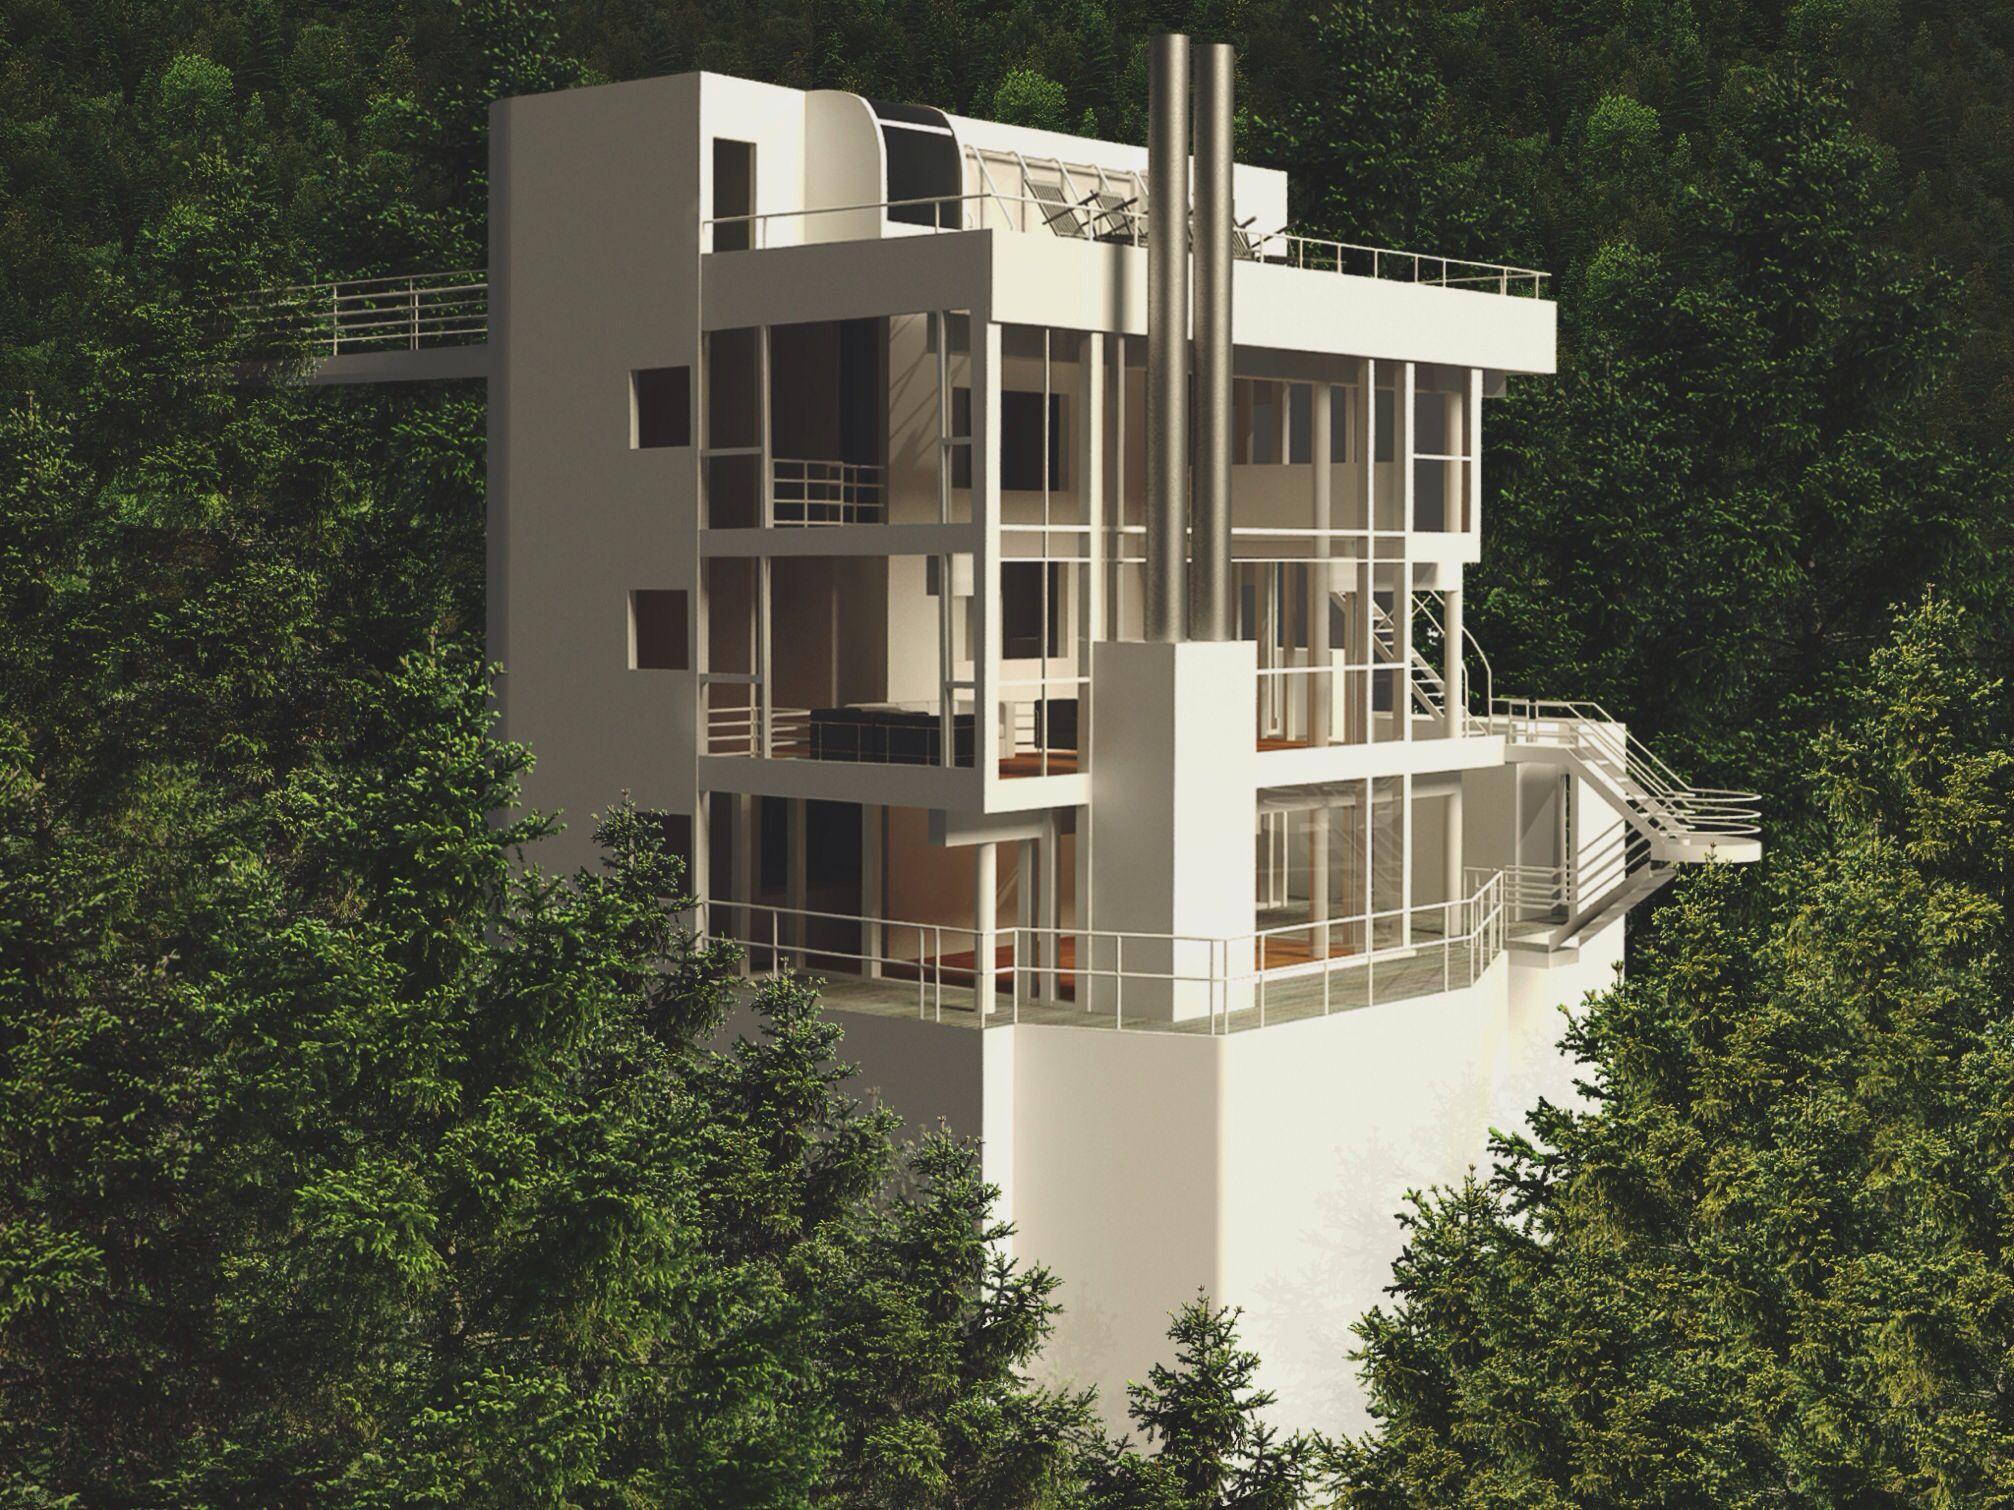 Douglas house by richard meier 3d rhino render by gilbert for Maison richard